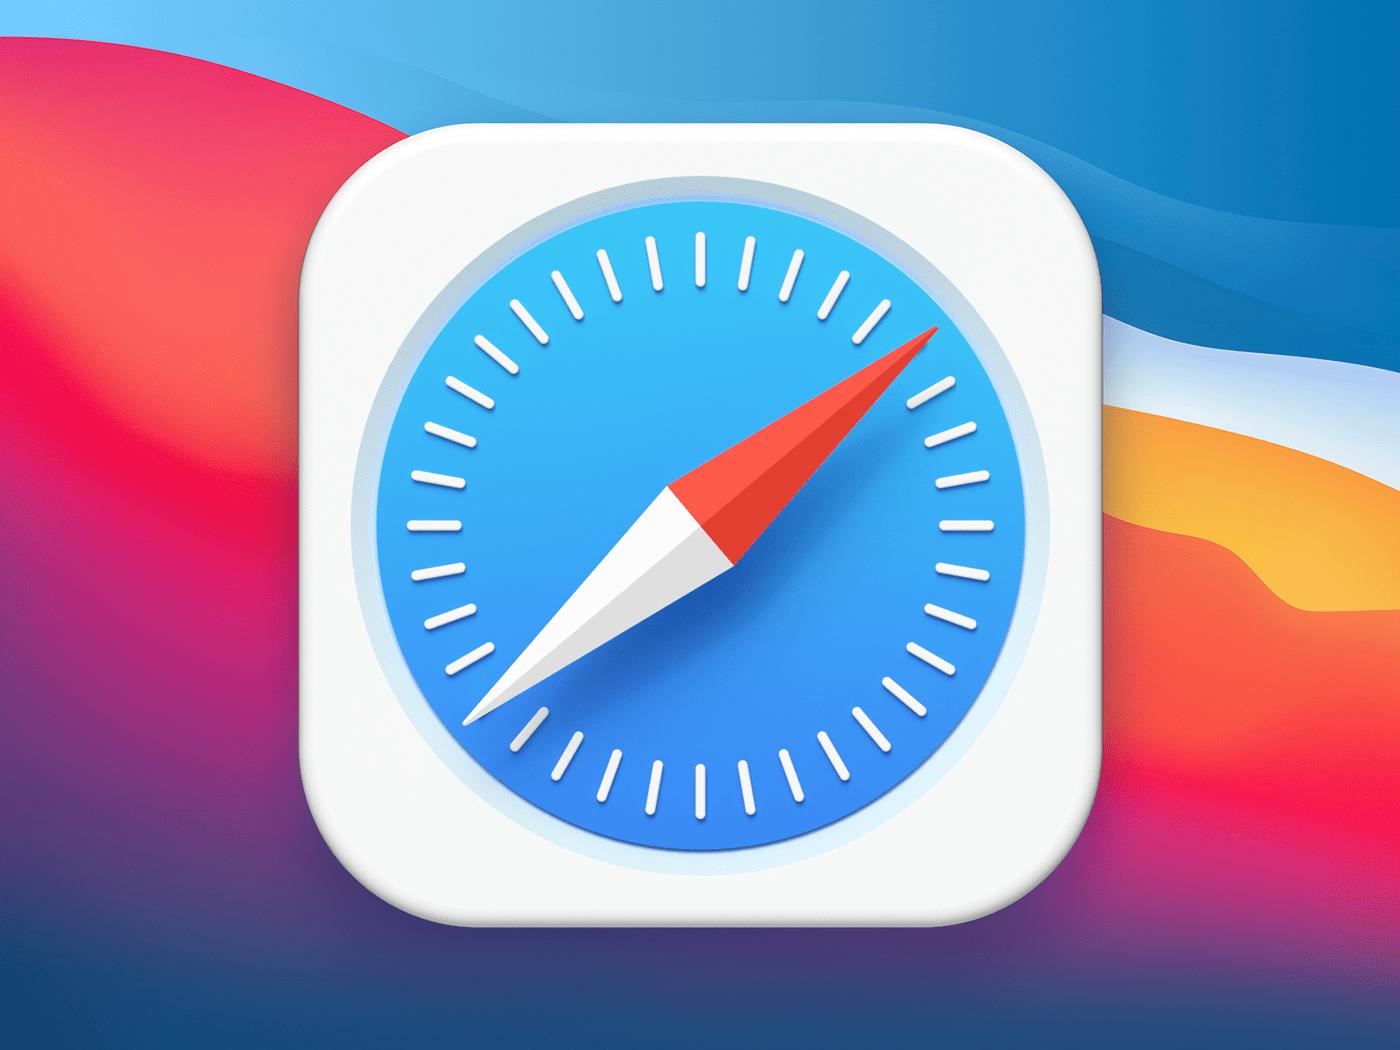 Image may contain: screenshot and clock